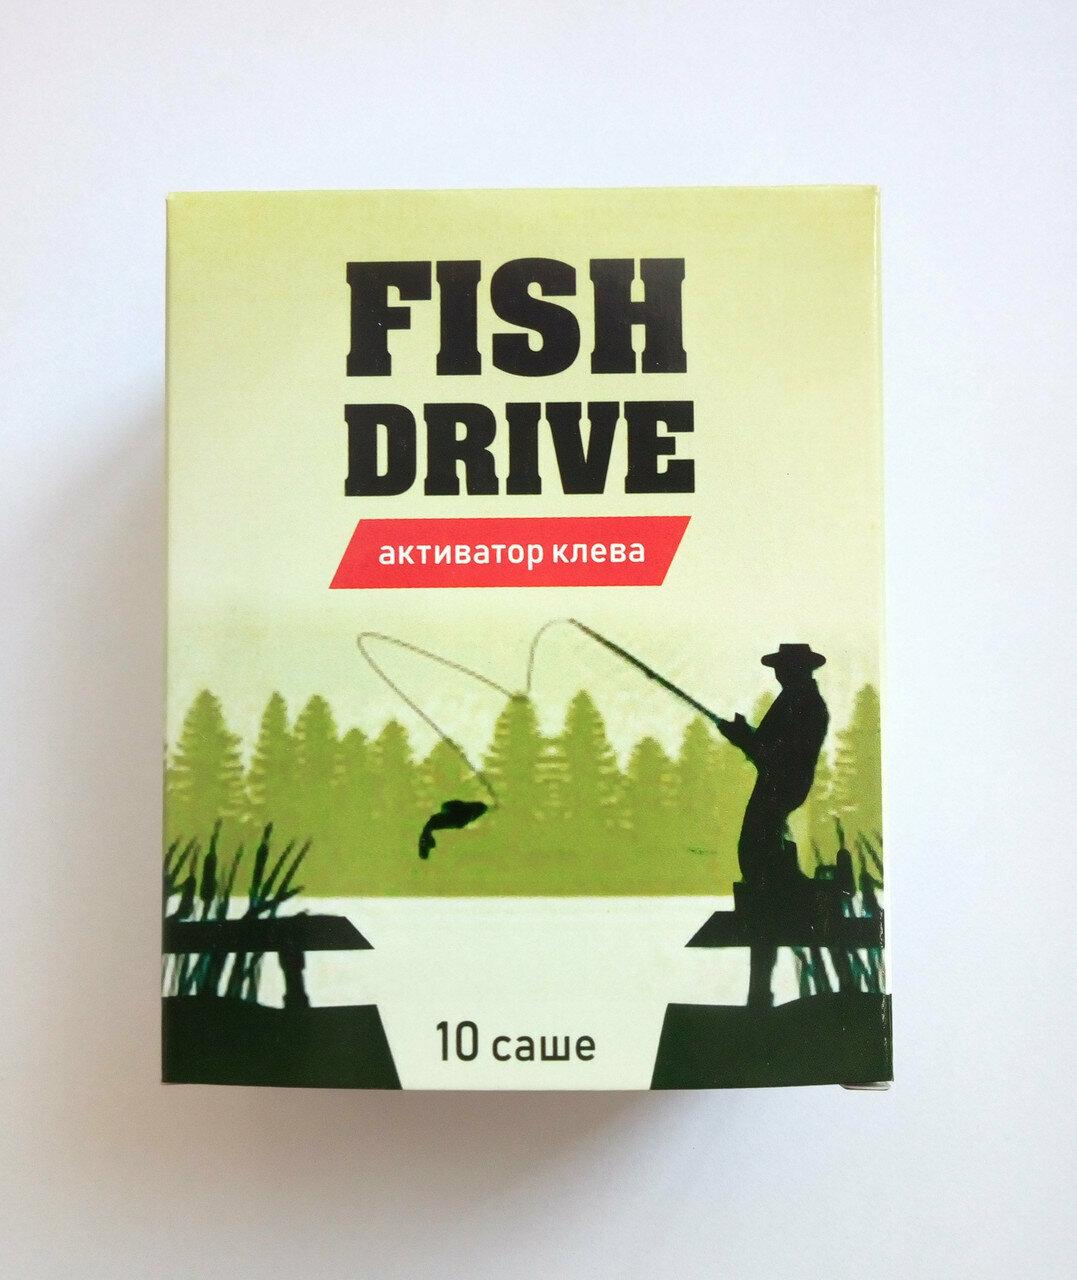 Fish Drive - активатор клёва в Кургане